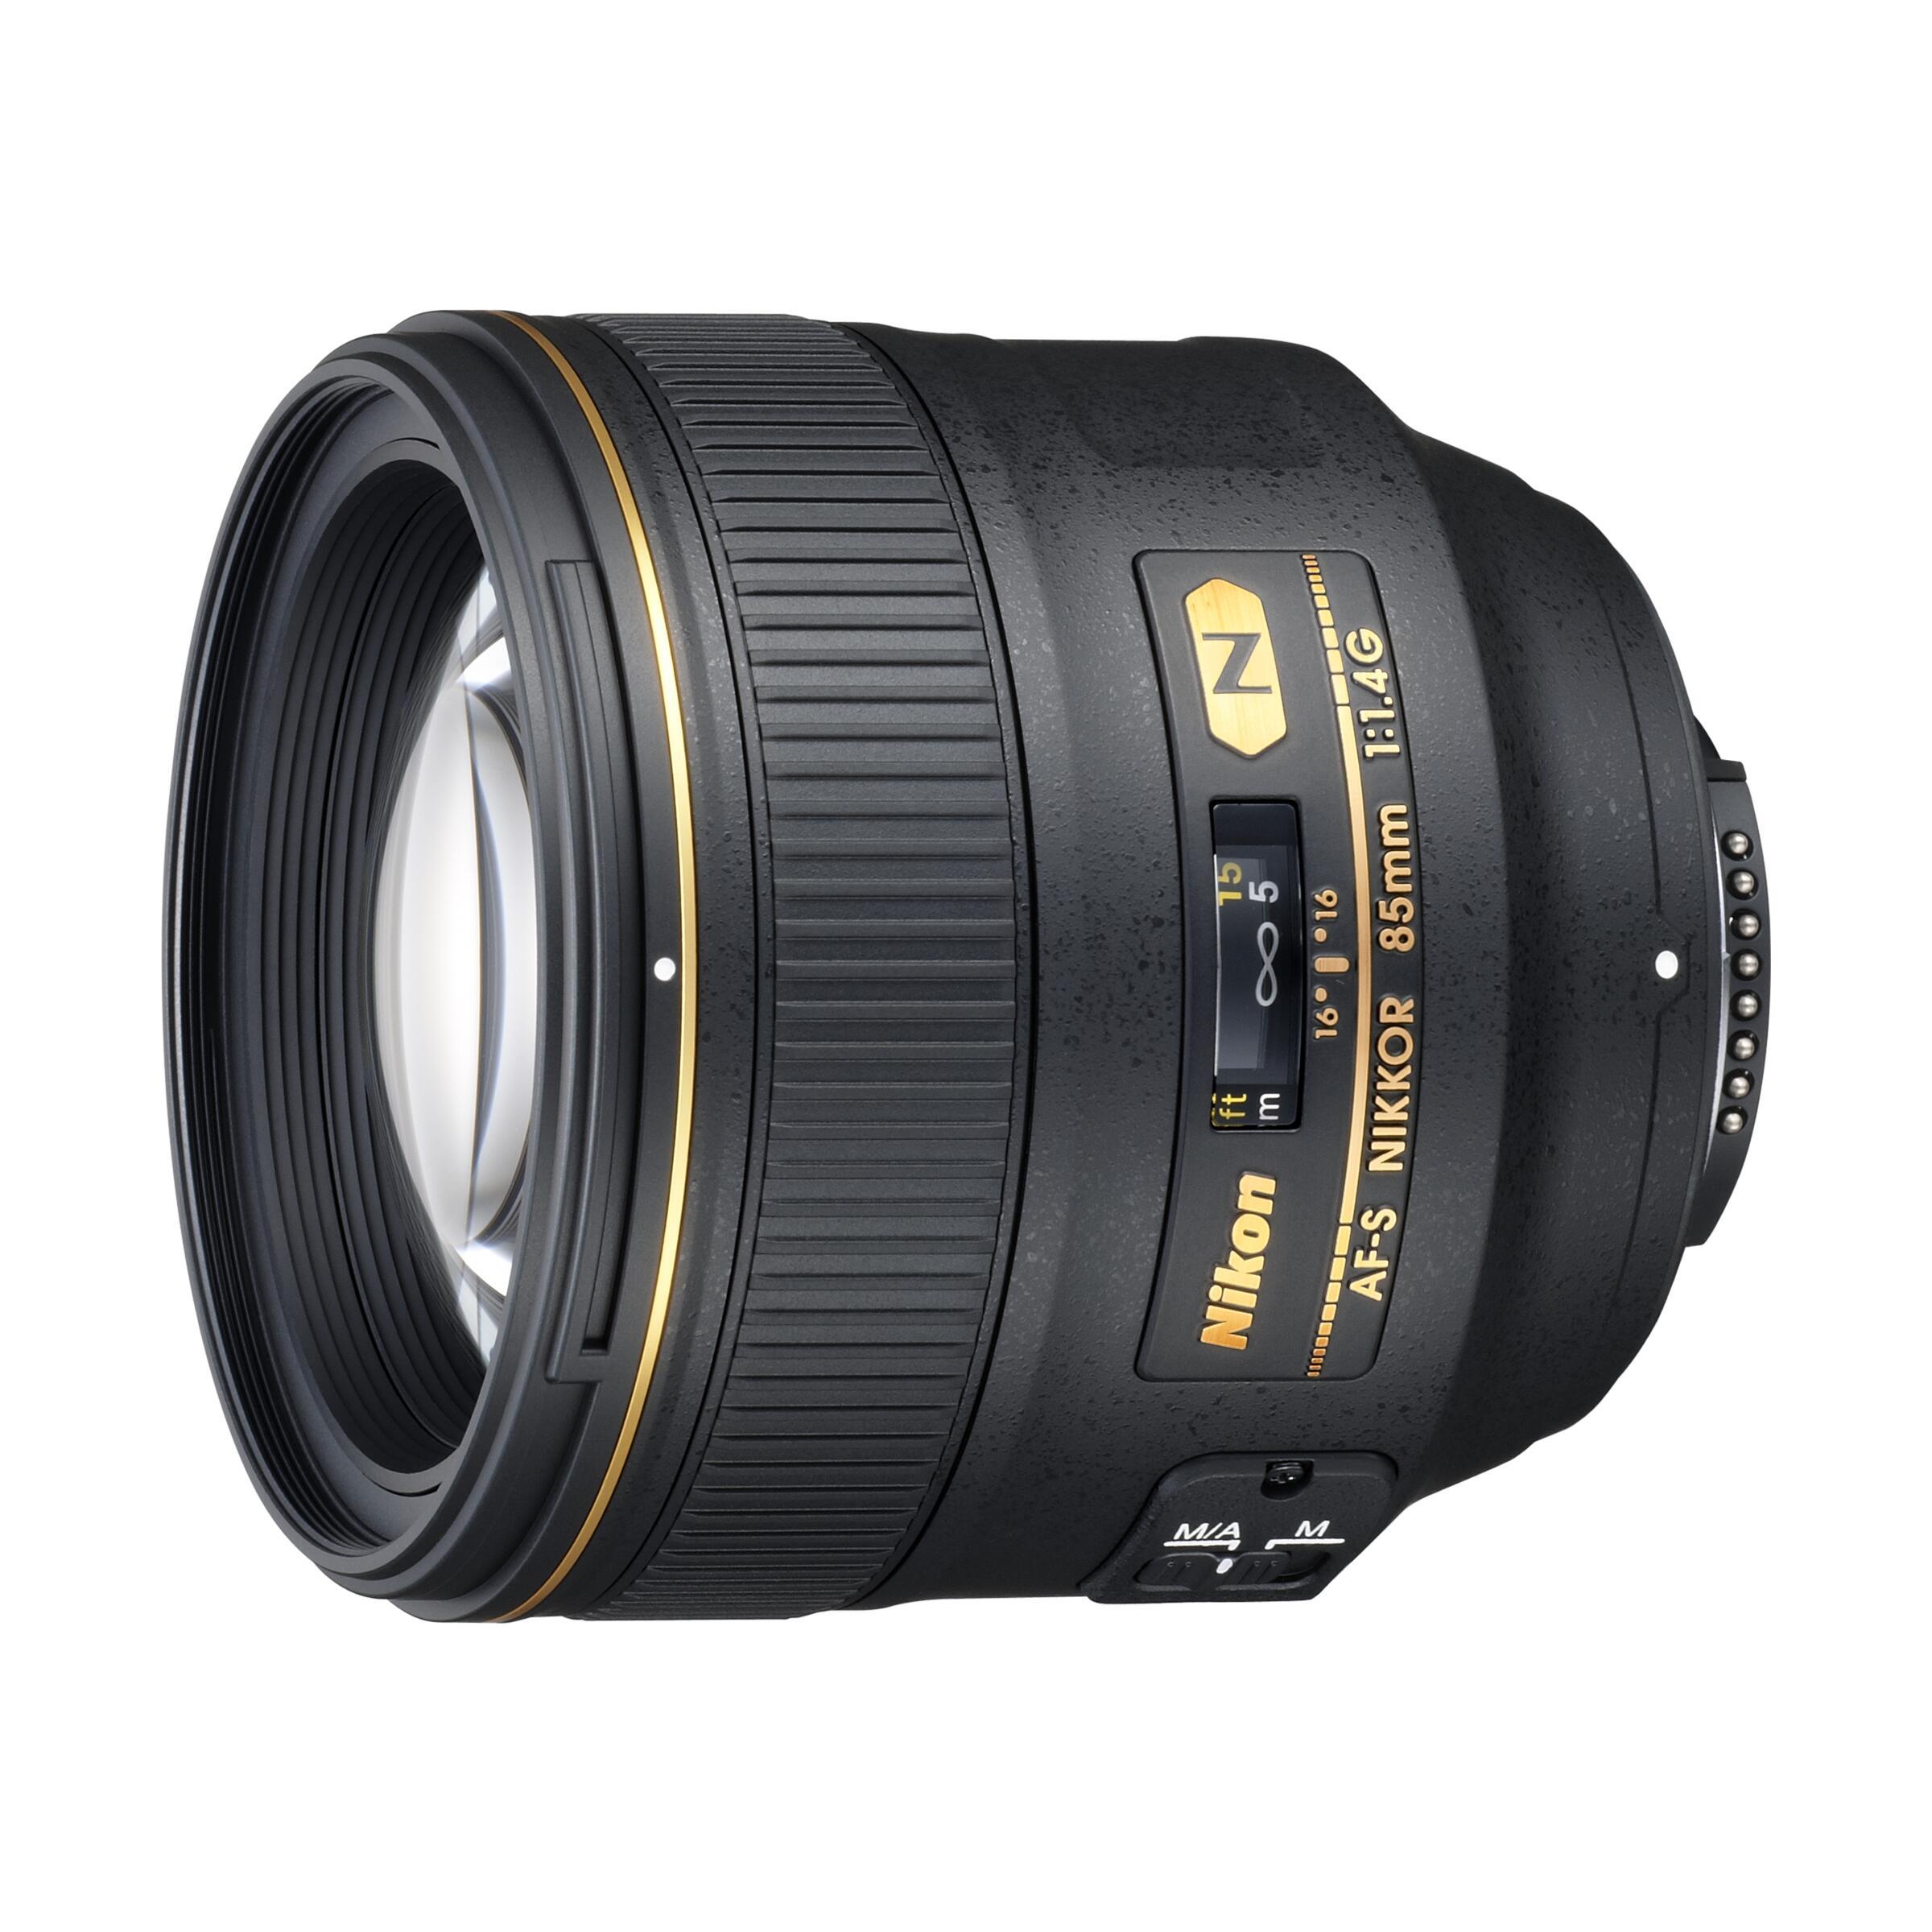 Nikon AF-S 85mm f/1,4 G